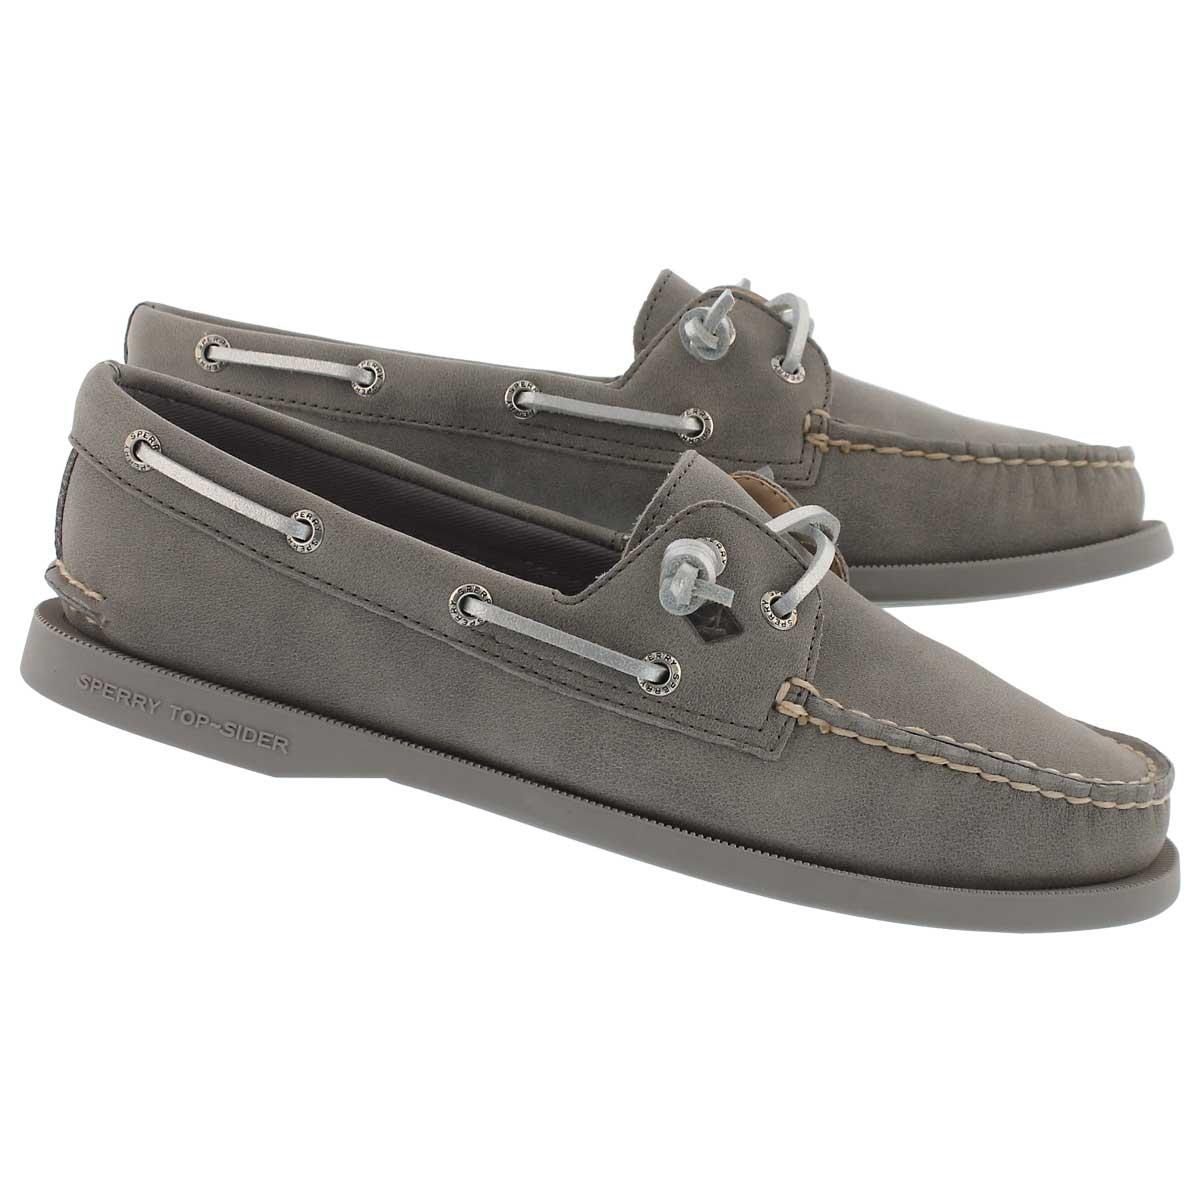 Lds A/O Vida driftwood boat shoe